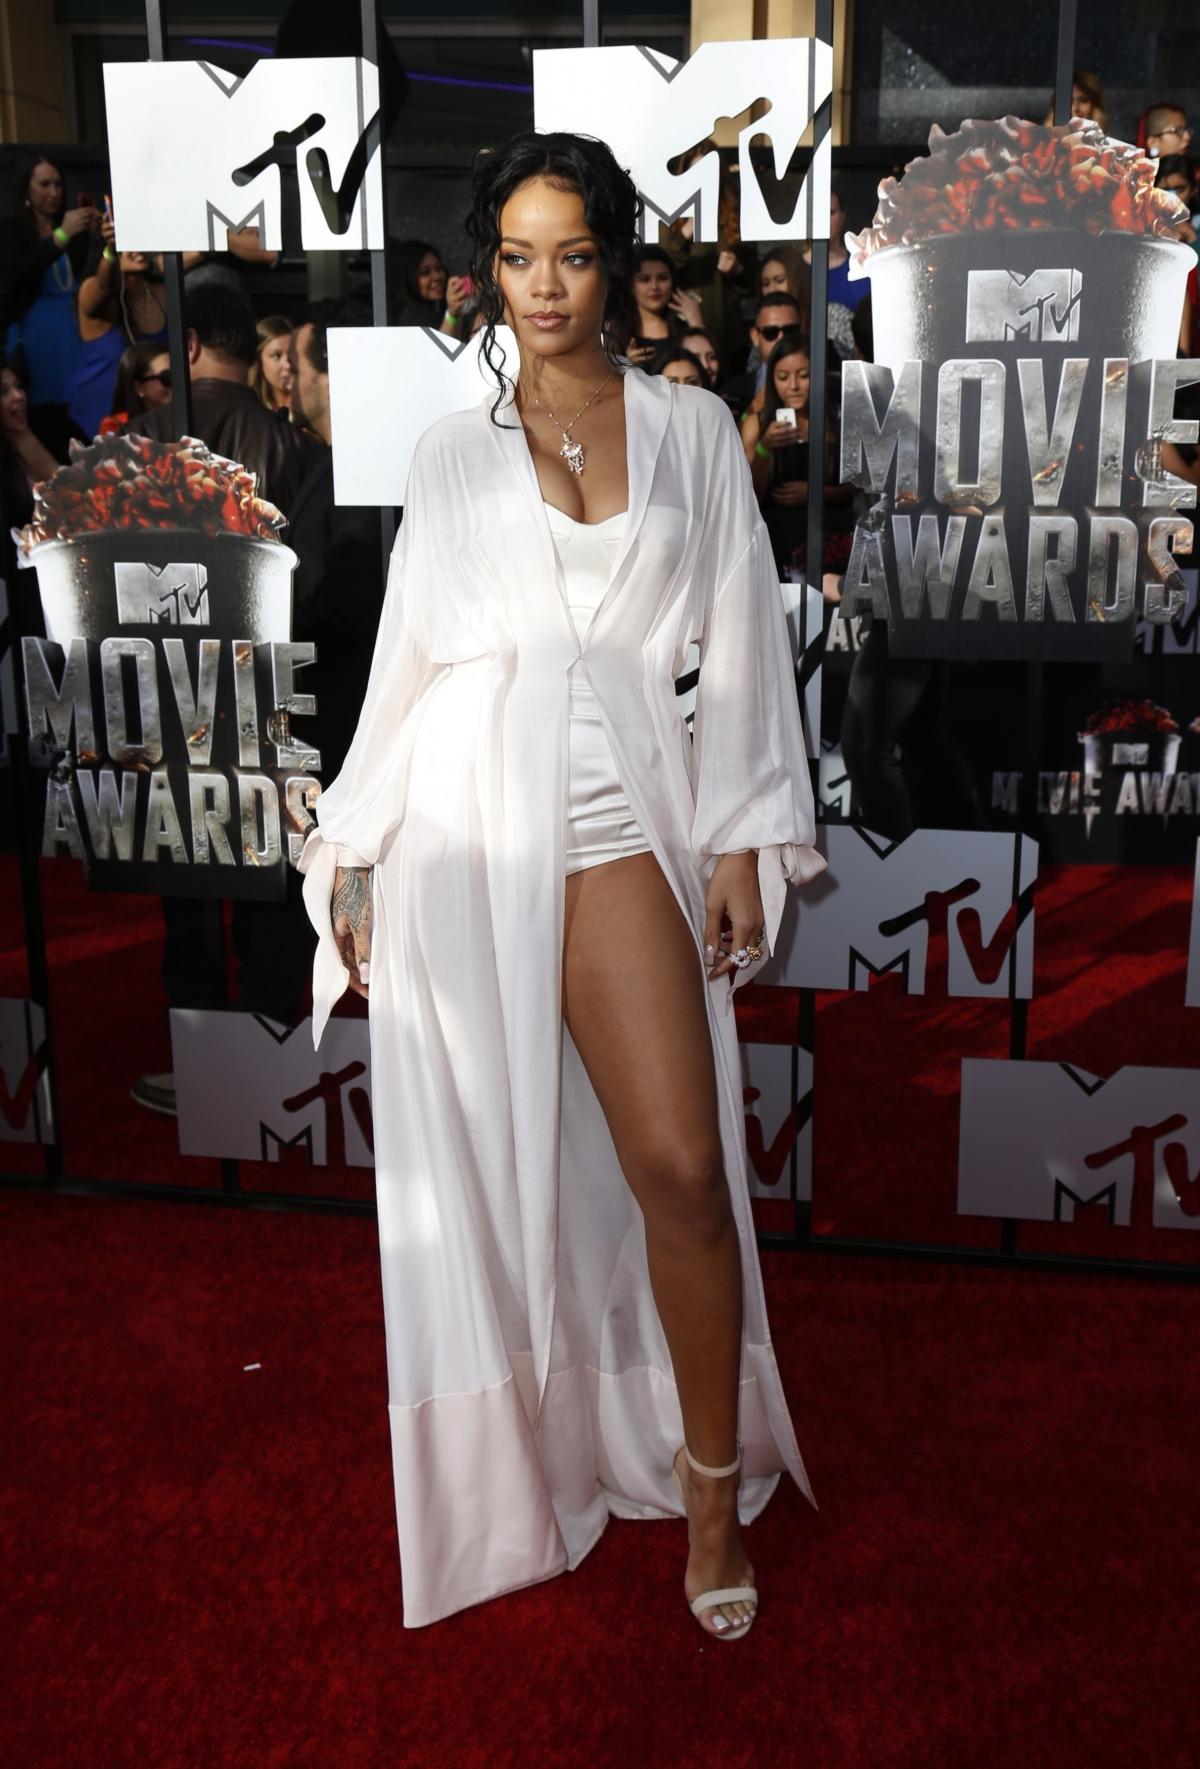 Singer Rihanna arrives at the 2014 MTV Movie Awards